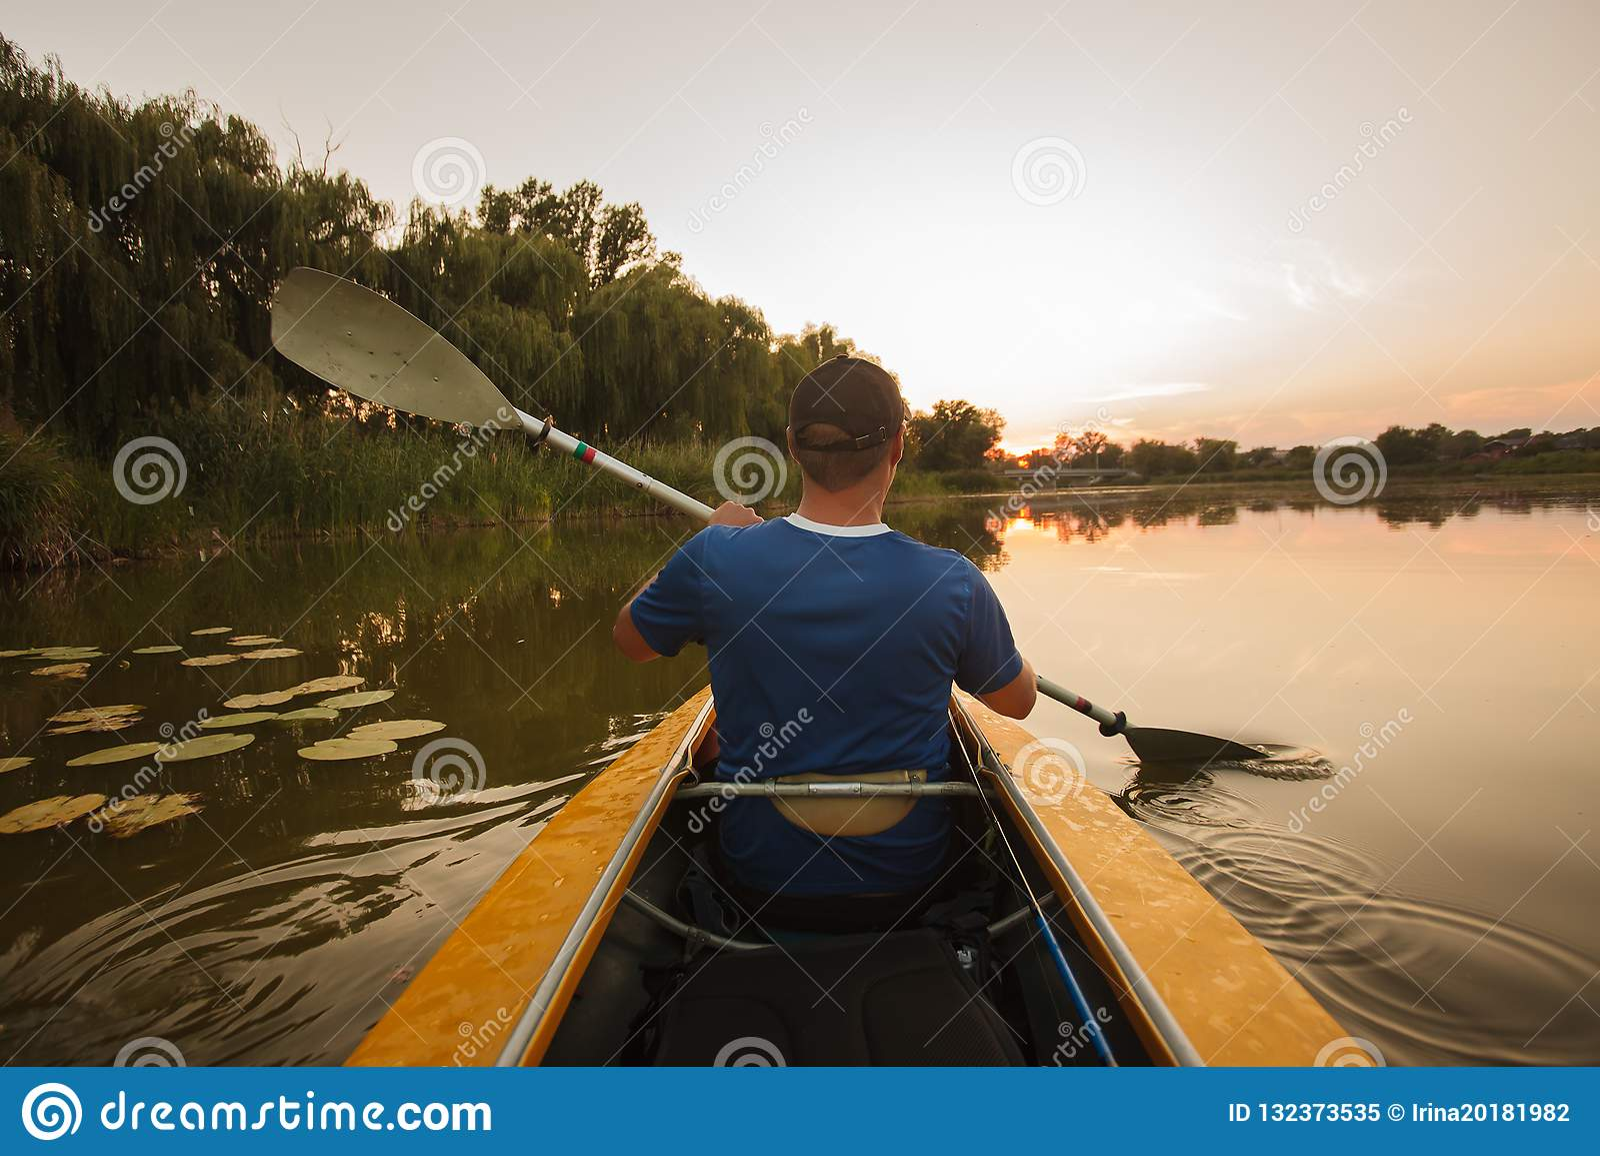 Επιπλέοντα σώματα ατόμων στο καγιάκ αθλητισμός νερού ηλιοβασιλέματος ατόμων καγιάκ